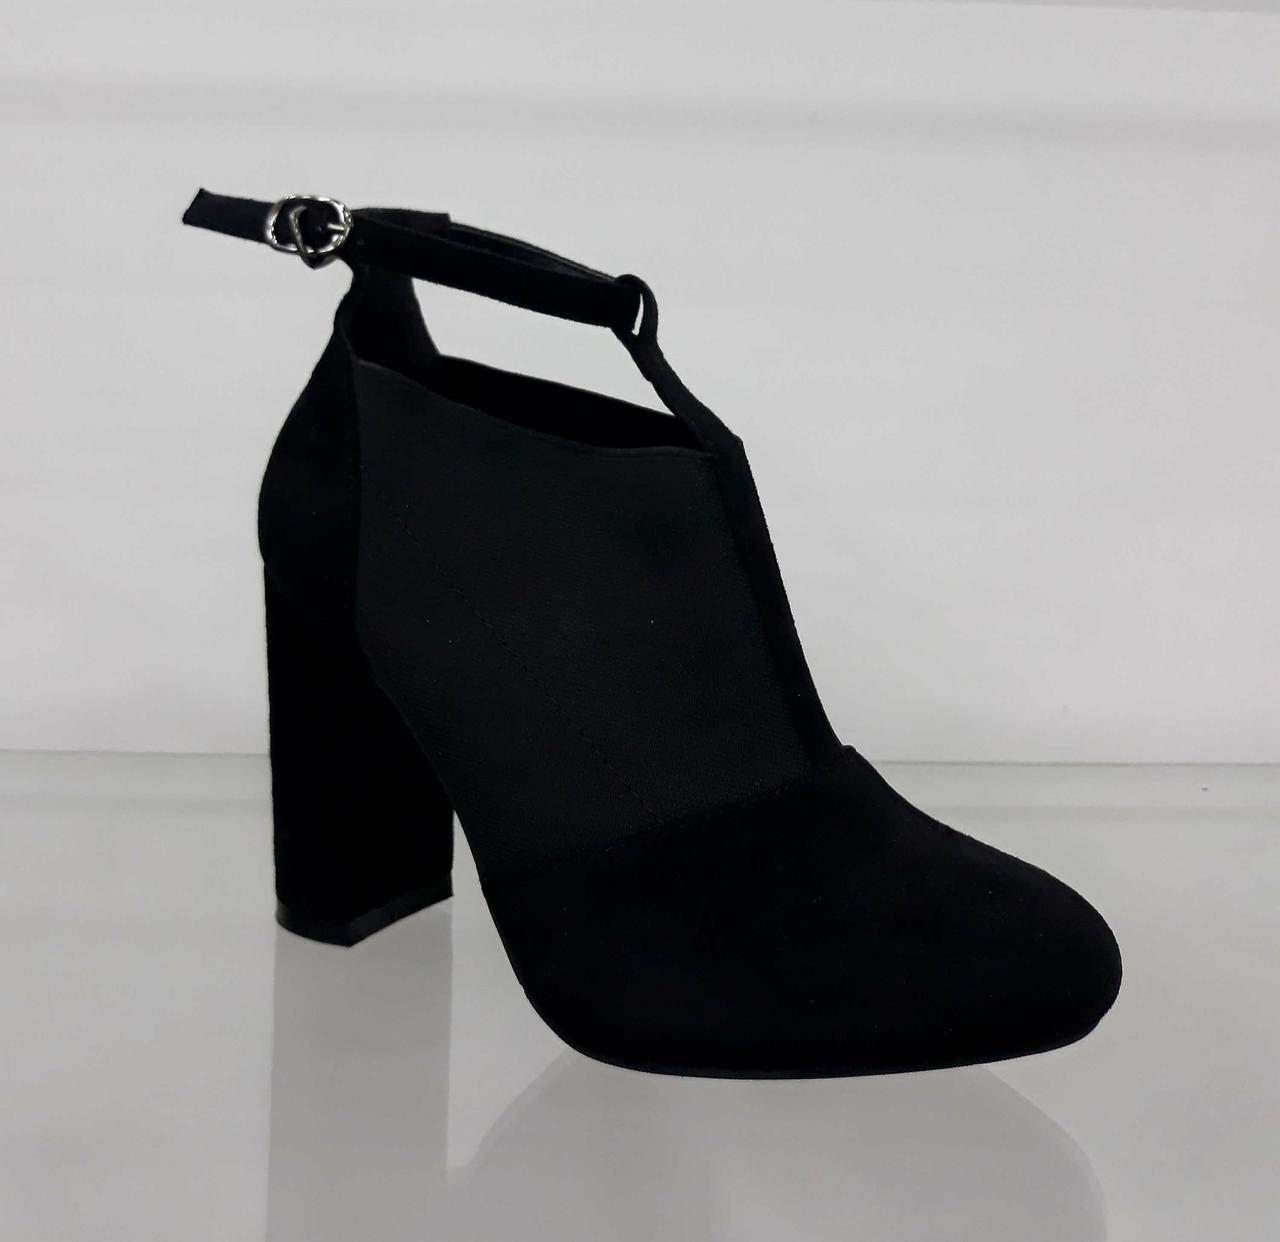 7e90c0abf Туфли женские с резинкой и ремешком на толстом каблуке - Интернет магазин